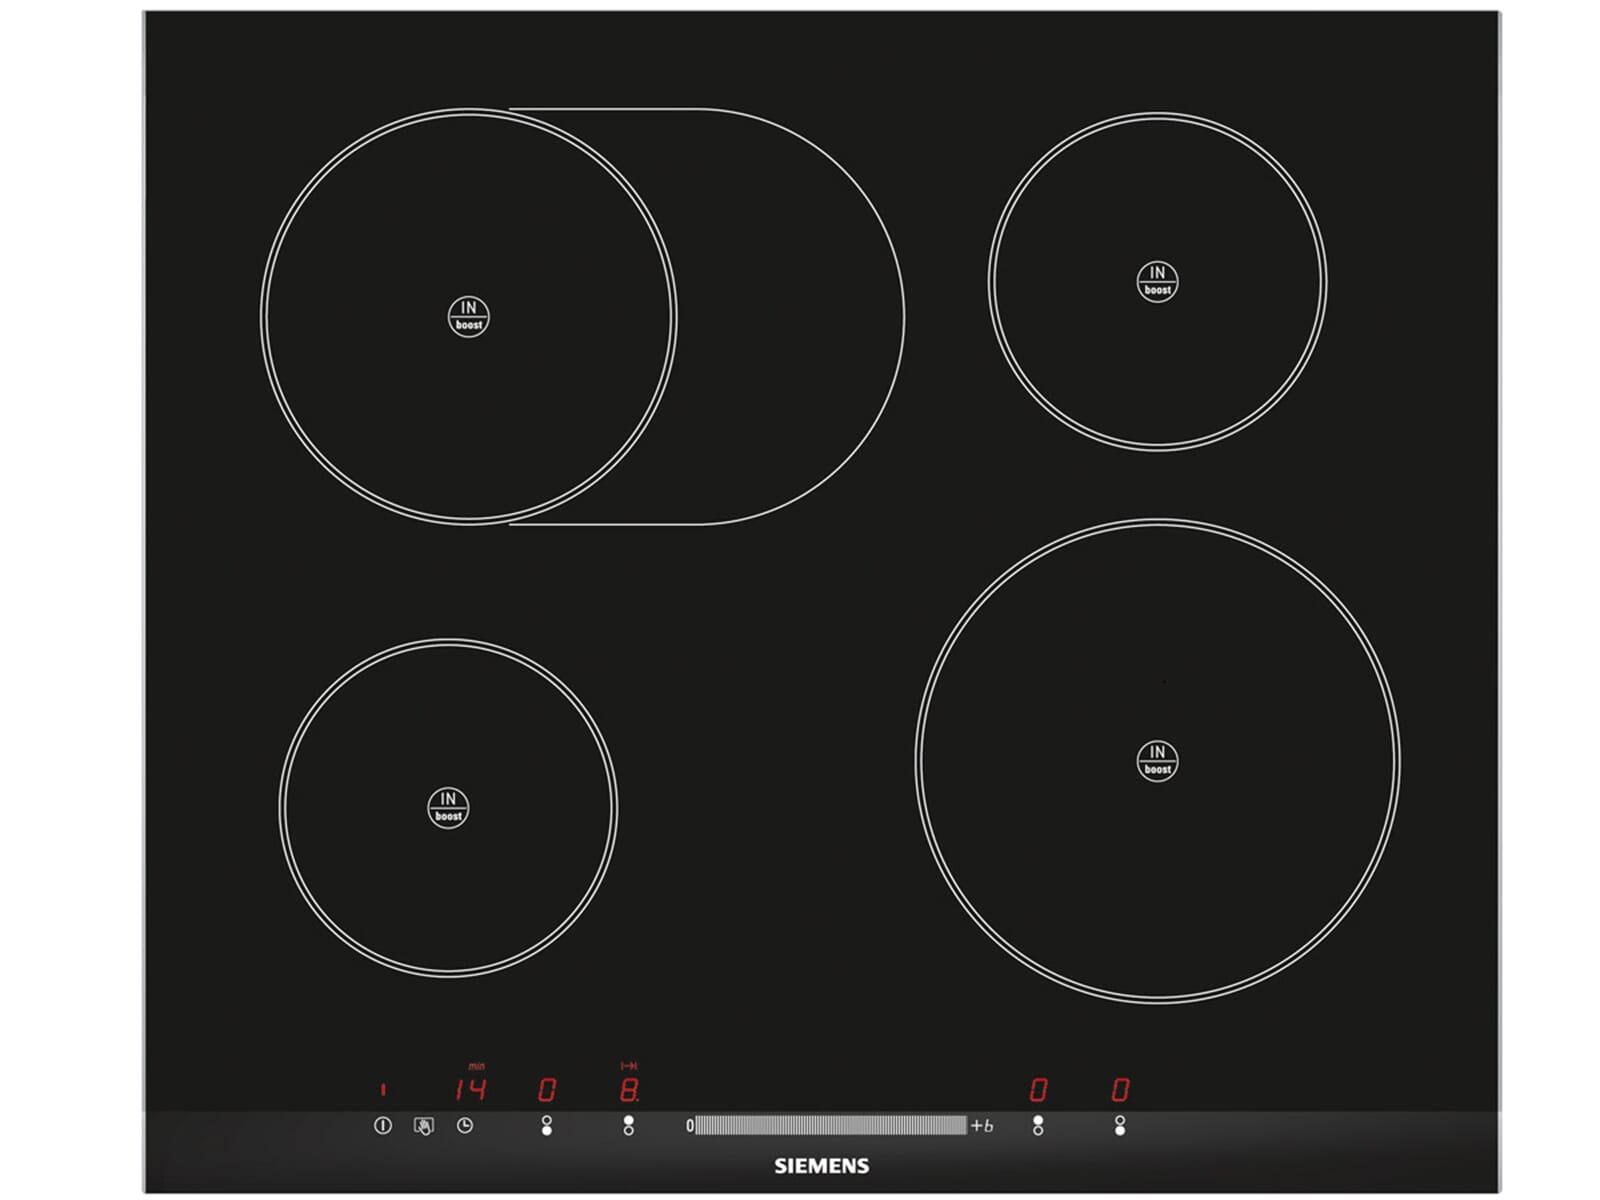 moebelplus ihre 1 wahl f r k chengro ger te und zubeh r. Black Bedroom Furniture Sets. Home Design Ideas